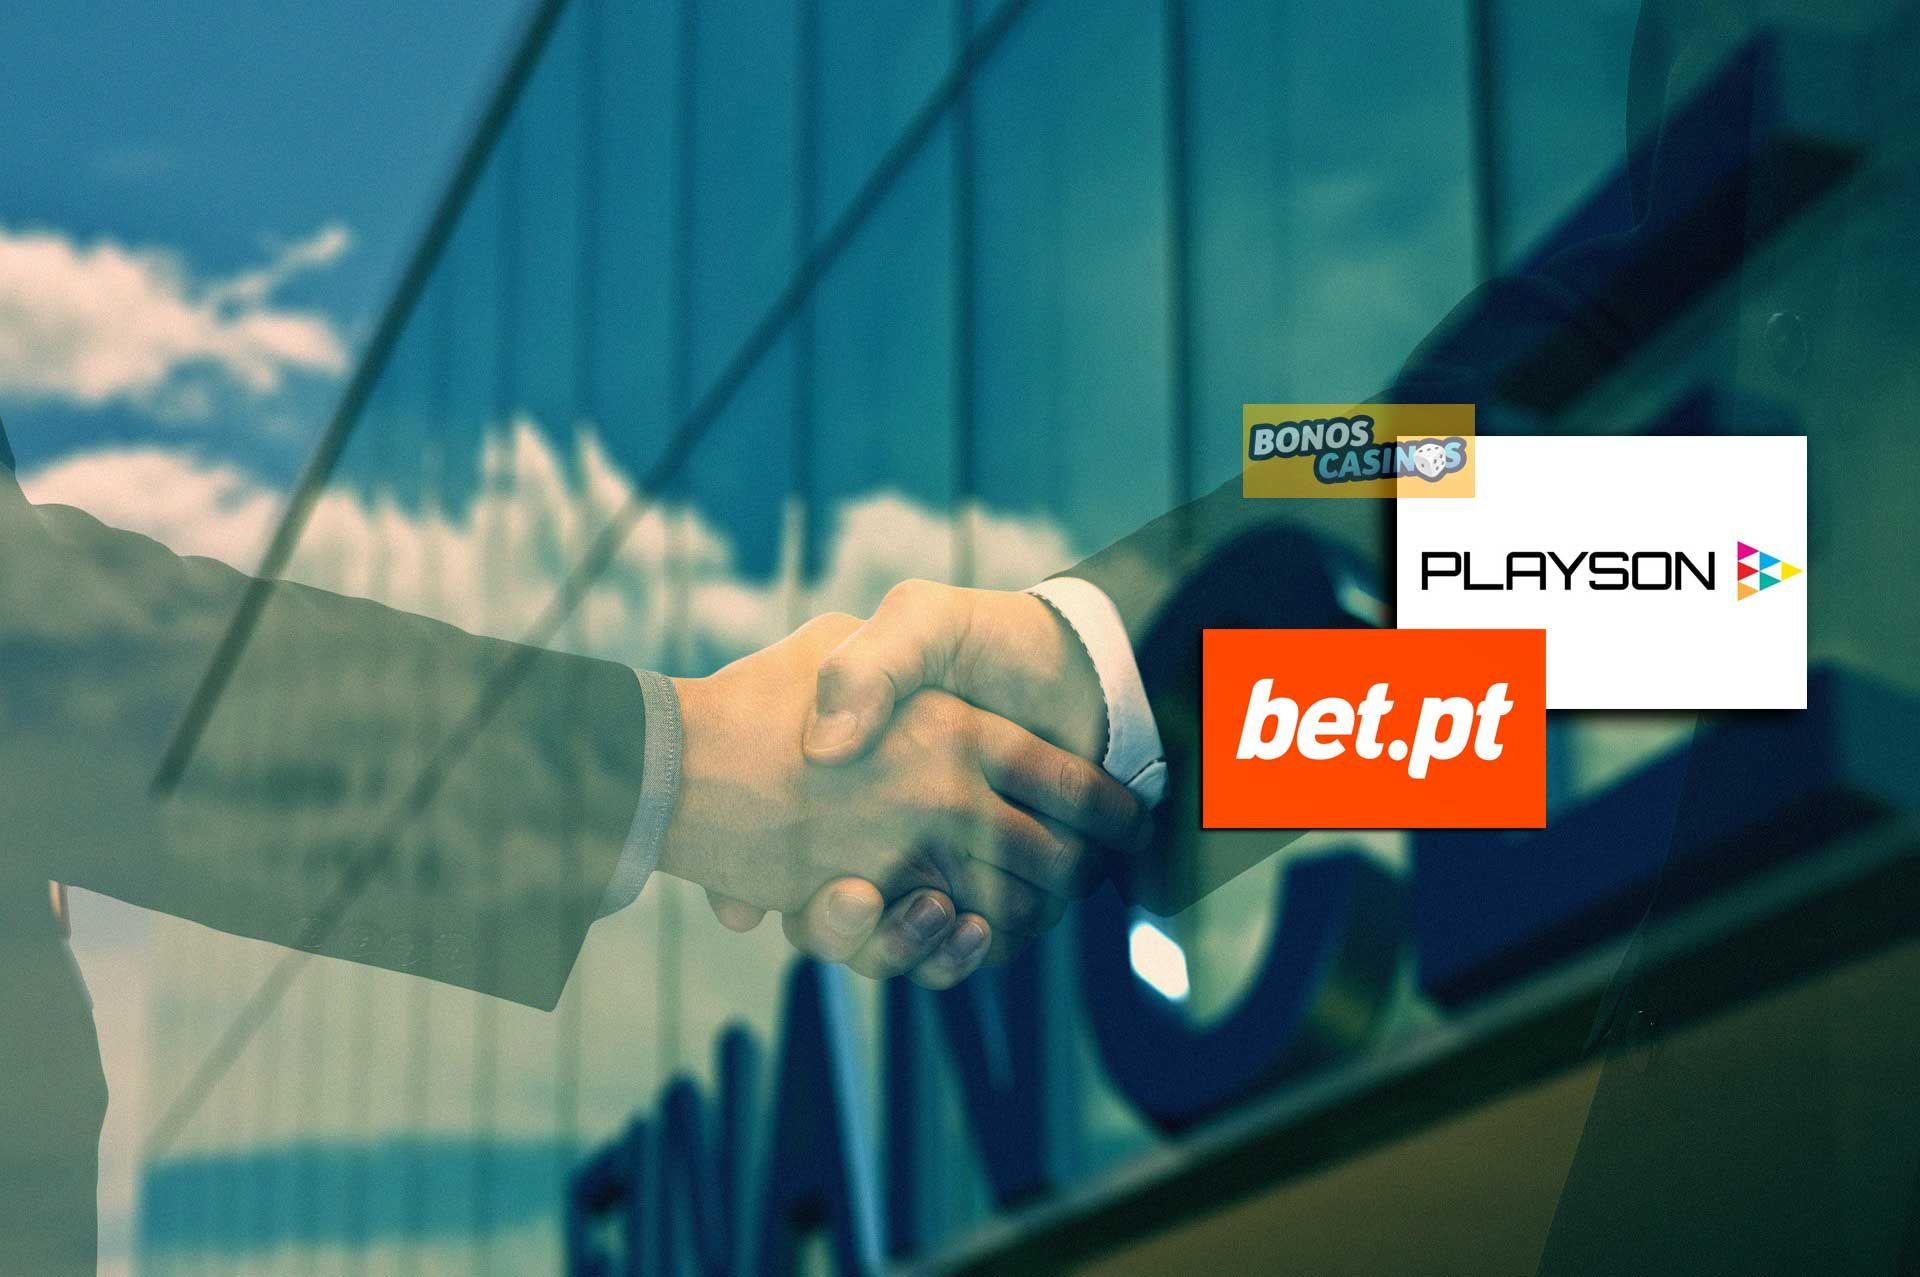 logo de Playson busca posicionarse en el mercado iGaming portugués